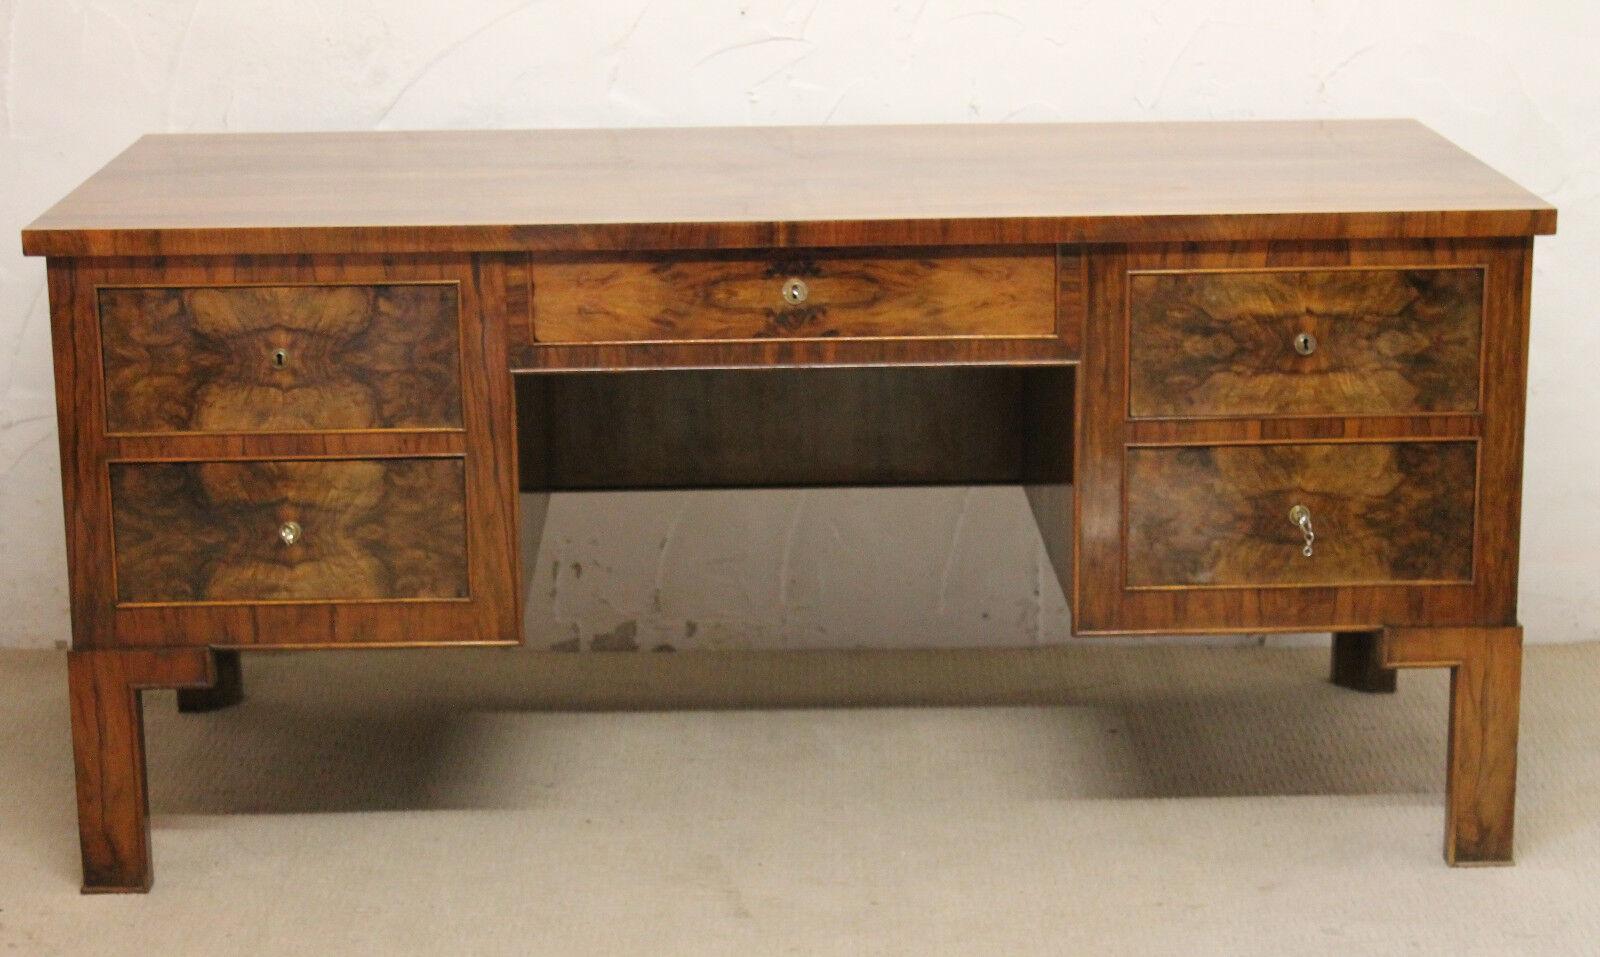 schreibtisch kanzleischreibtisch gro sekret r art deco antik frankreich eur picclick de. Black Bedroom Furniture Sets. Home Design Ideas